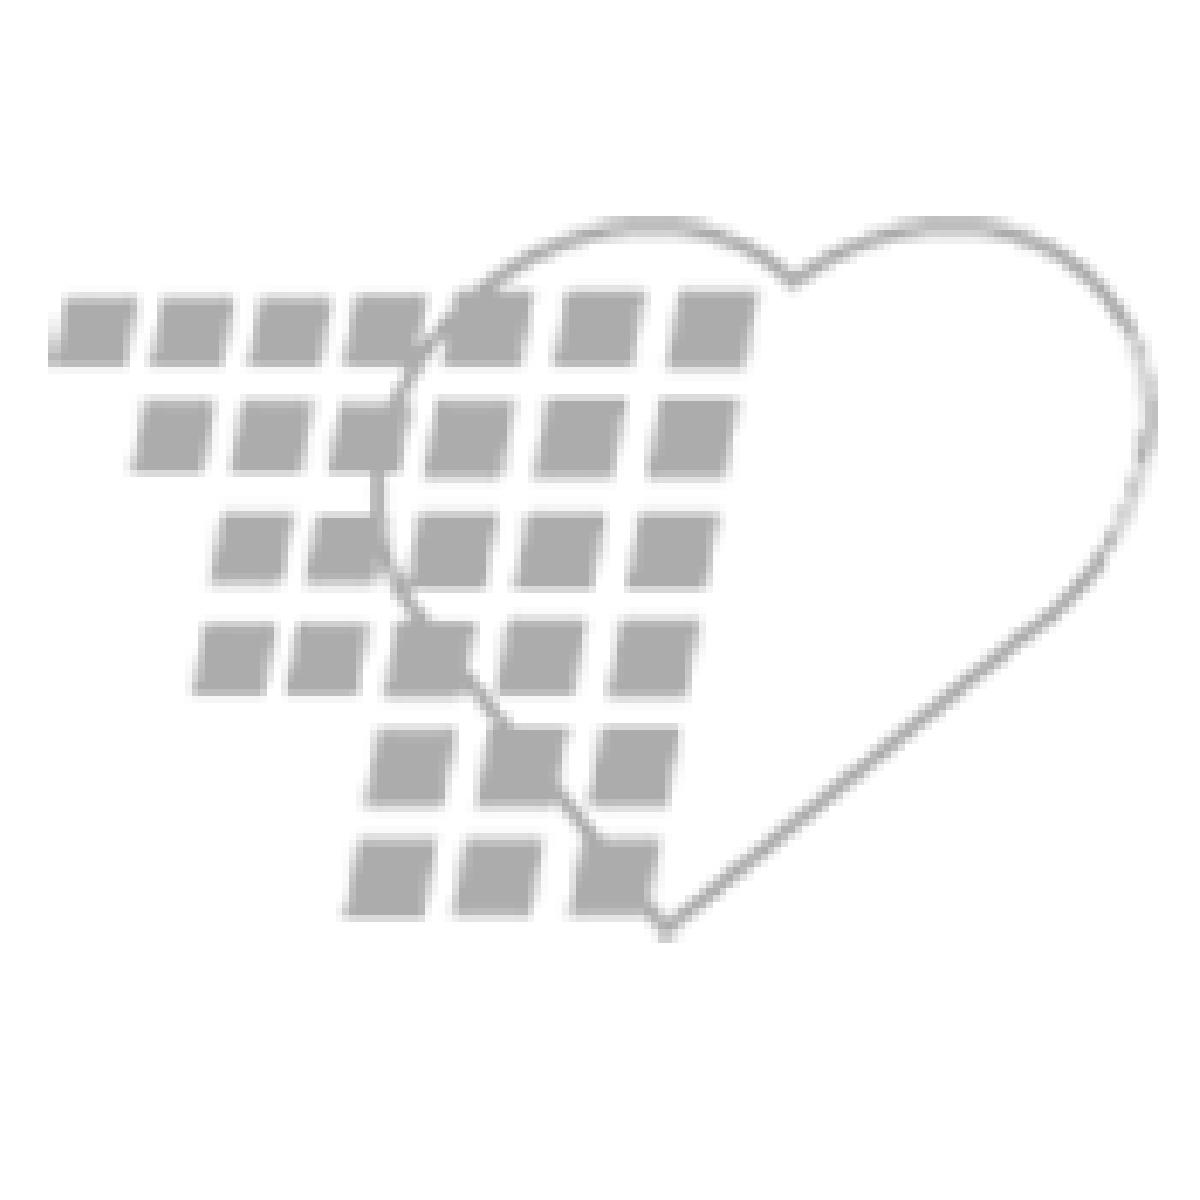 06-93-0717 Demo Dose® Atorvastatn Calcim (Lipitr) 10mg - 100 Pills/Box